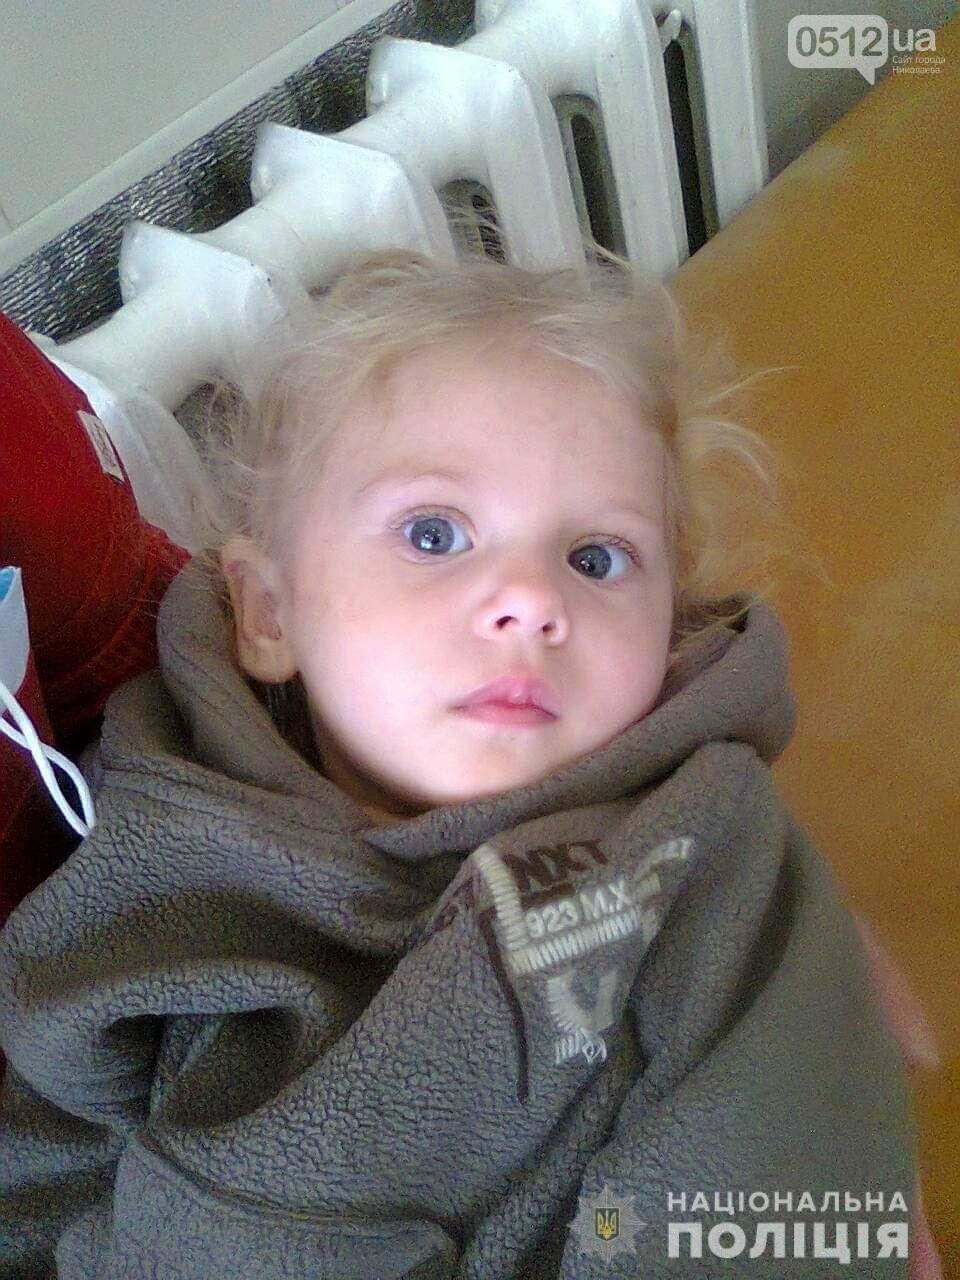 В Николаеве разыскивают родителей маленькой девочки, фото-1